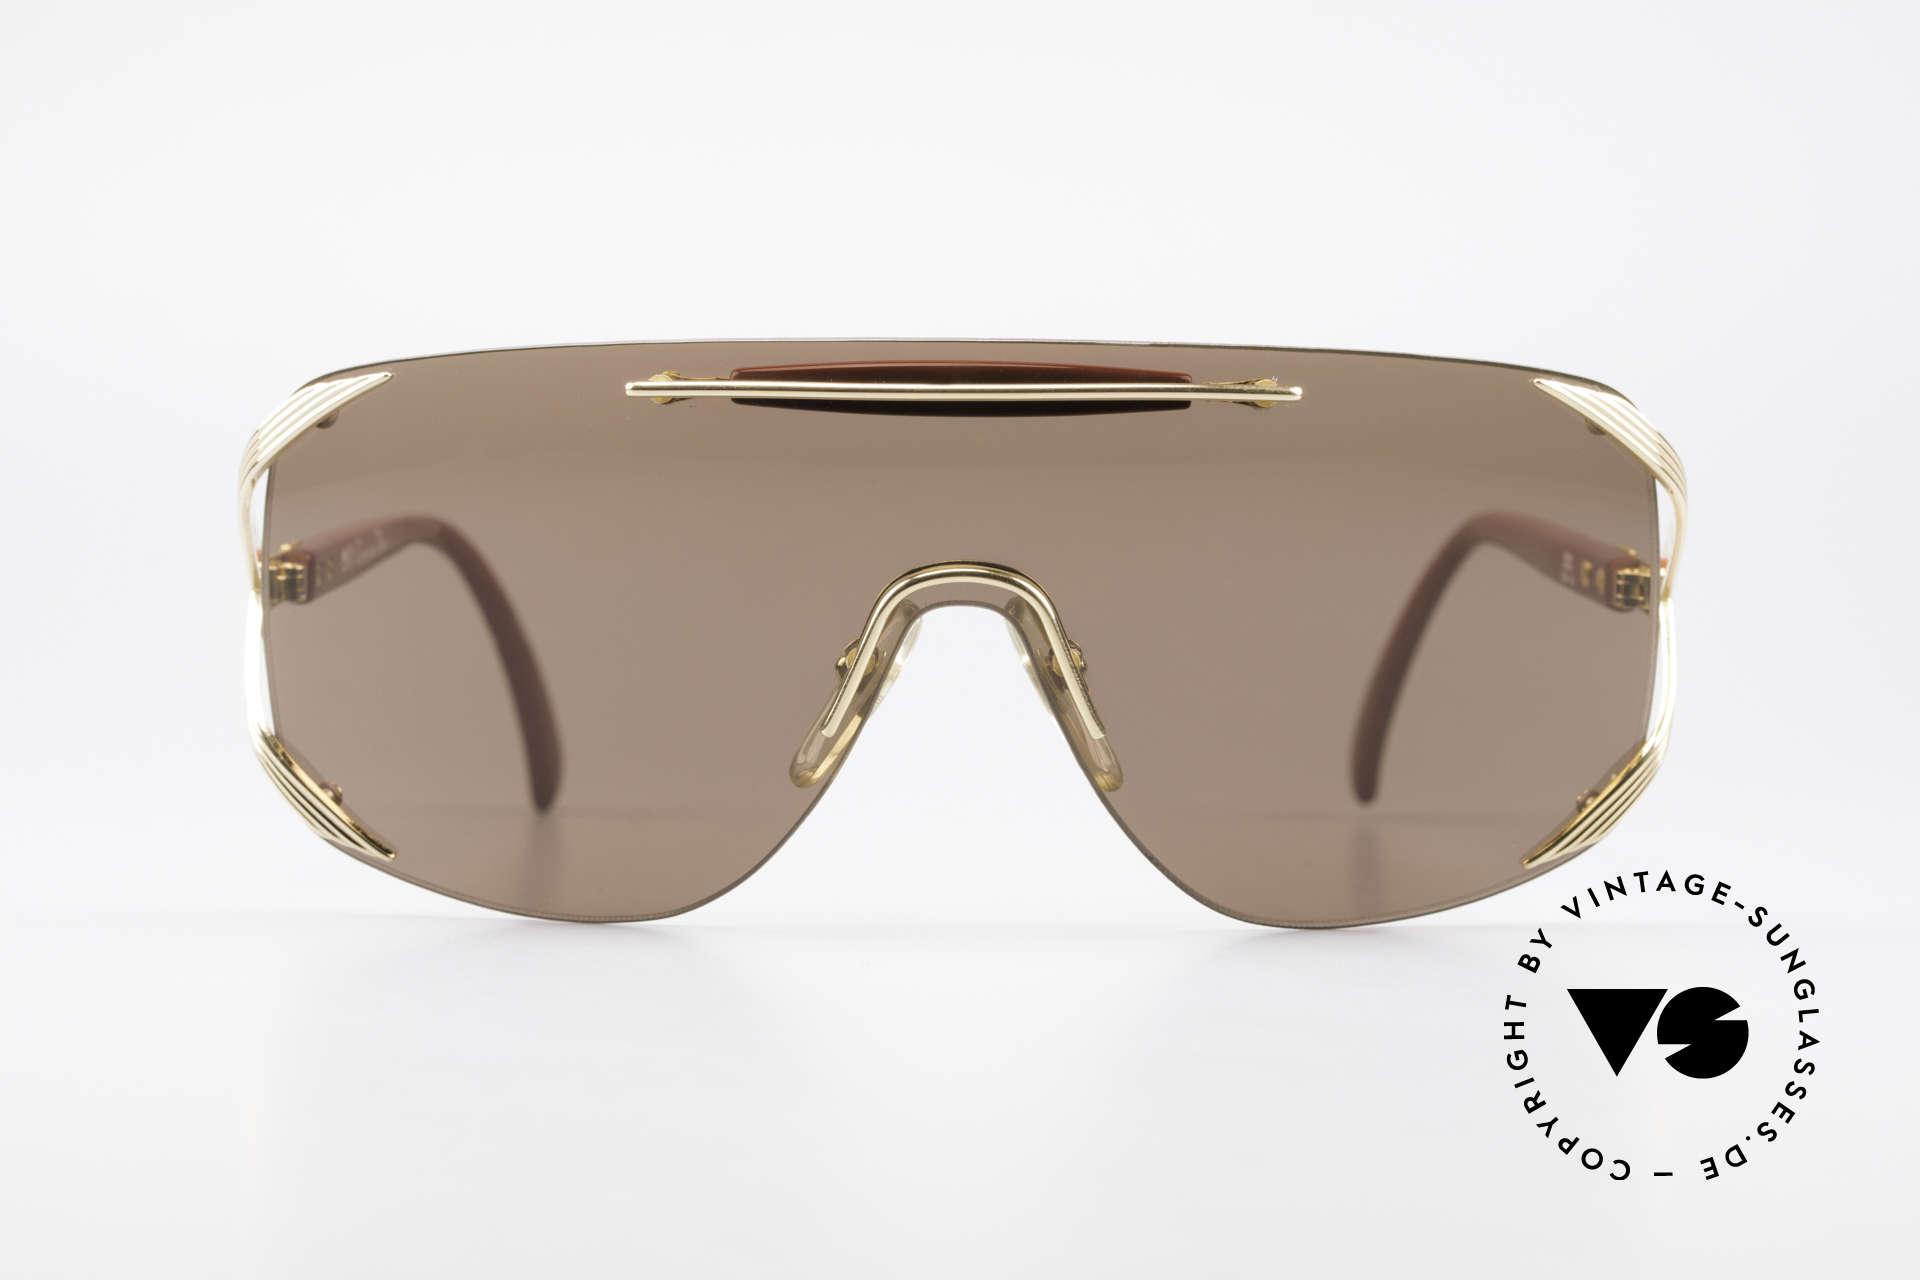 """Christian Dior 2434 Rihanna Vintage Sonnenbrille, ein durchgehendes Glas; sogen. """"Shield Design"""", Passend für Damen"""